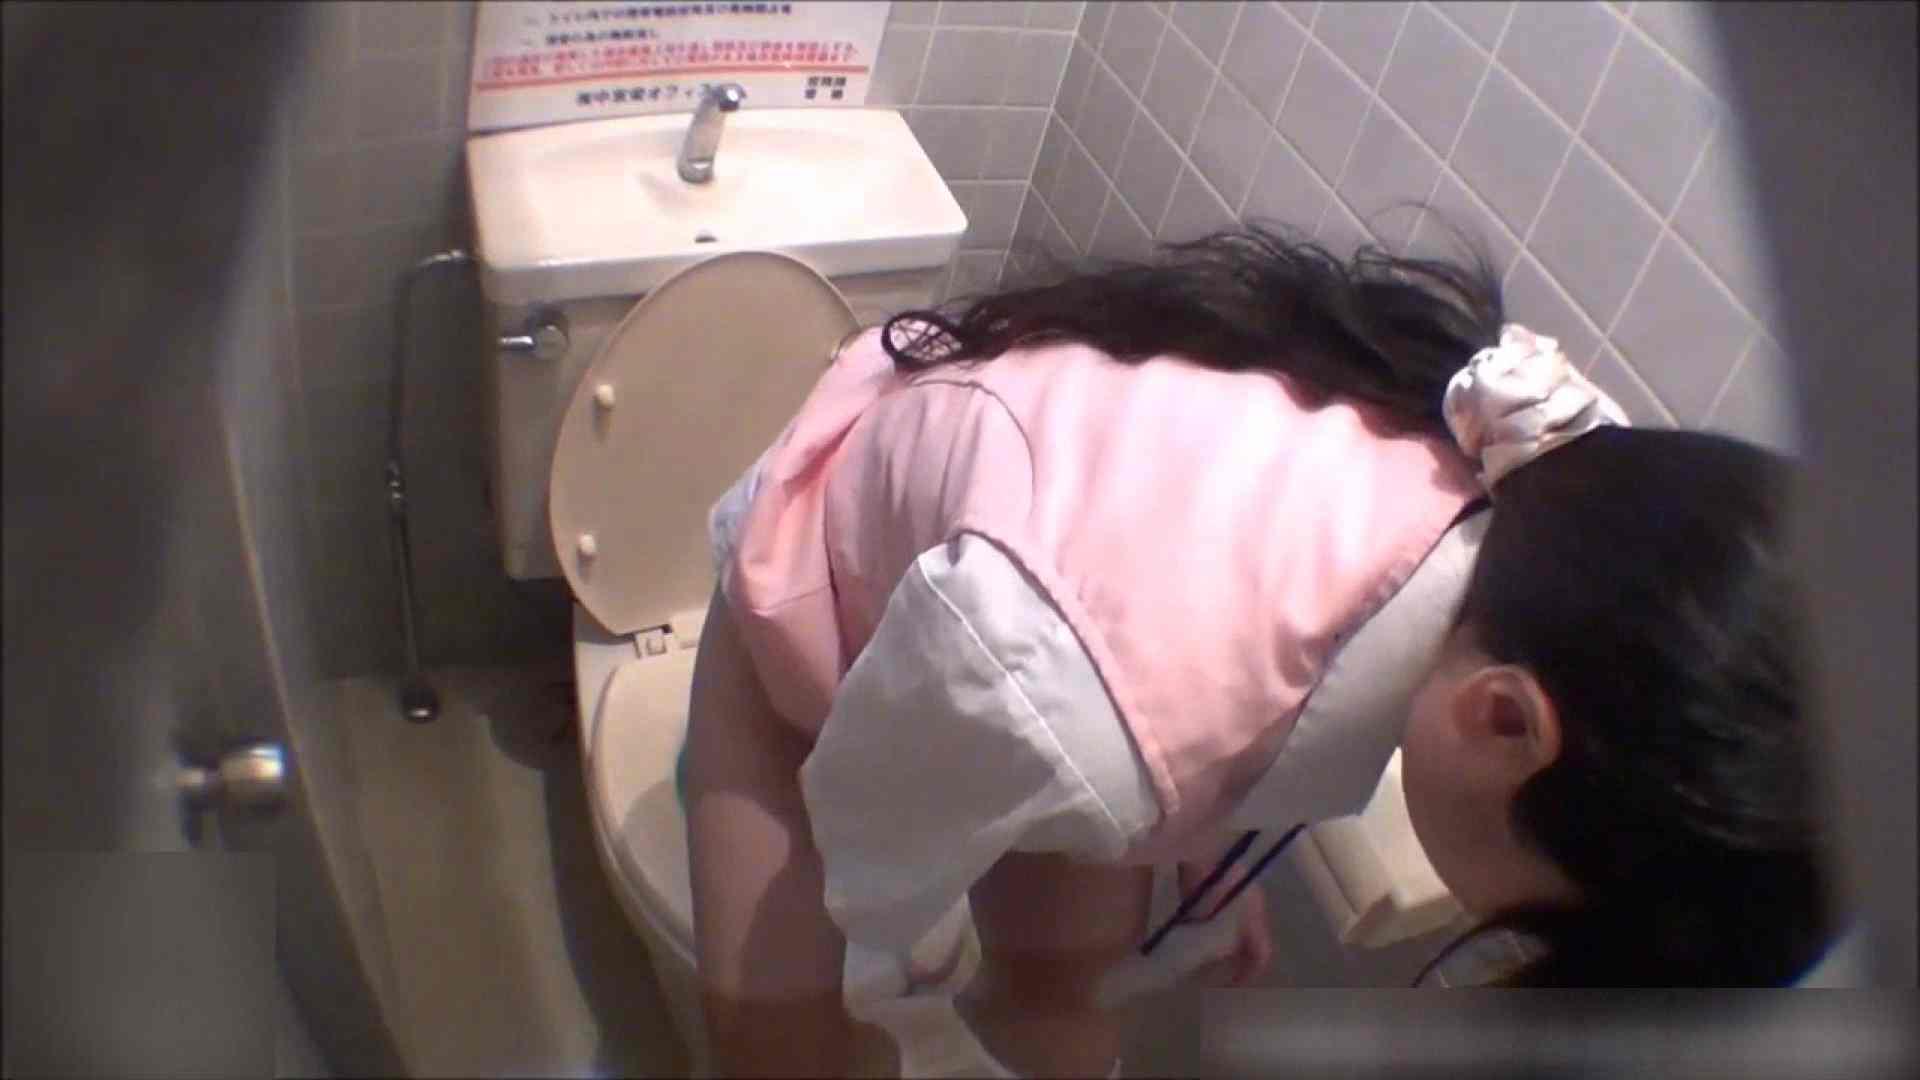 洗面所盗撮~隣の美人お姉さんVol.24 うんこ生画像 覗きおまんこ画像 83PICs 75